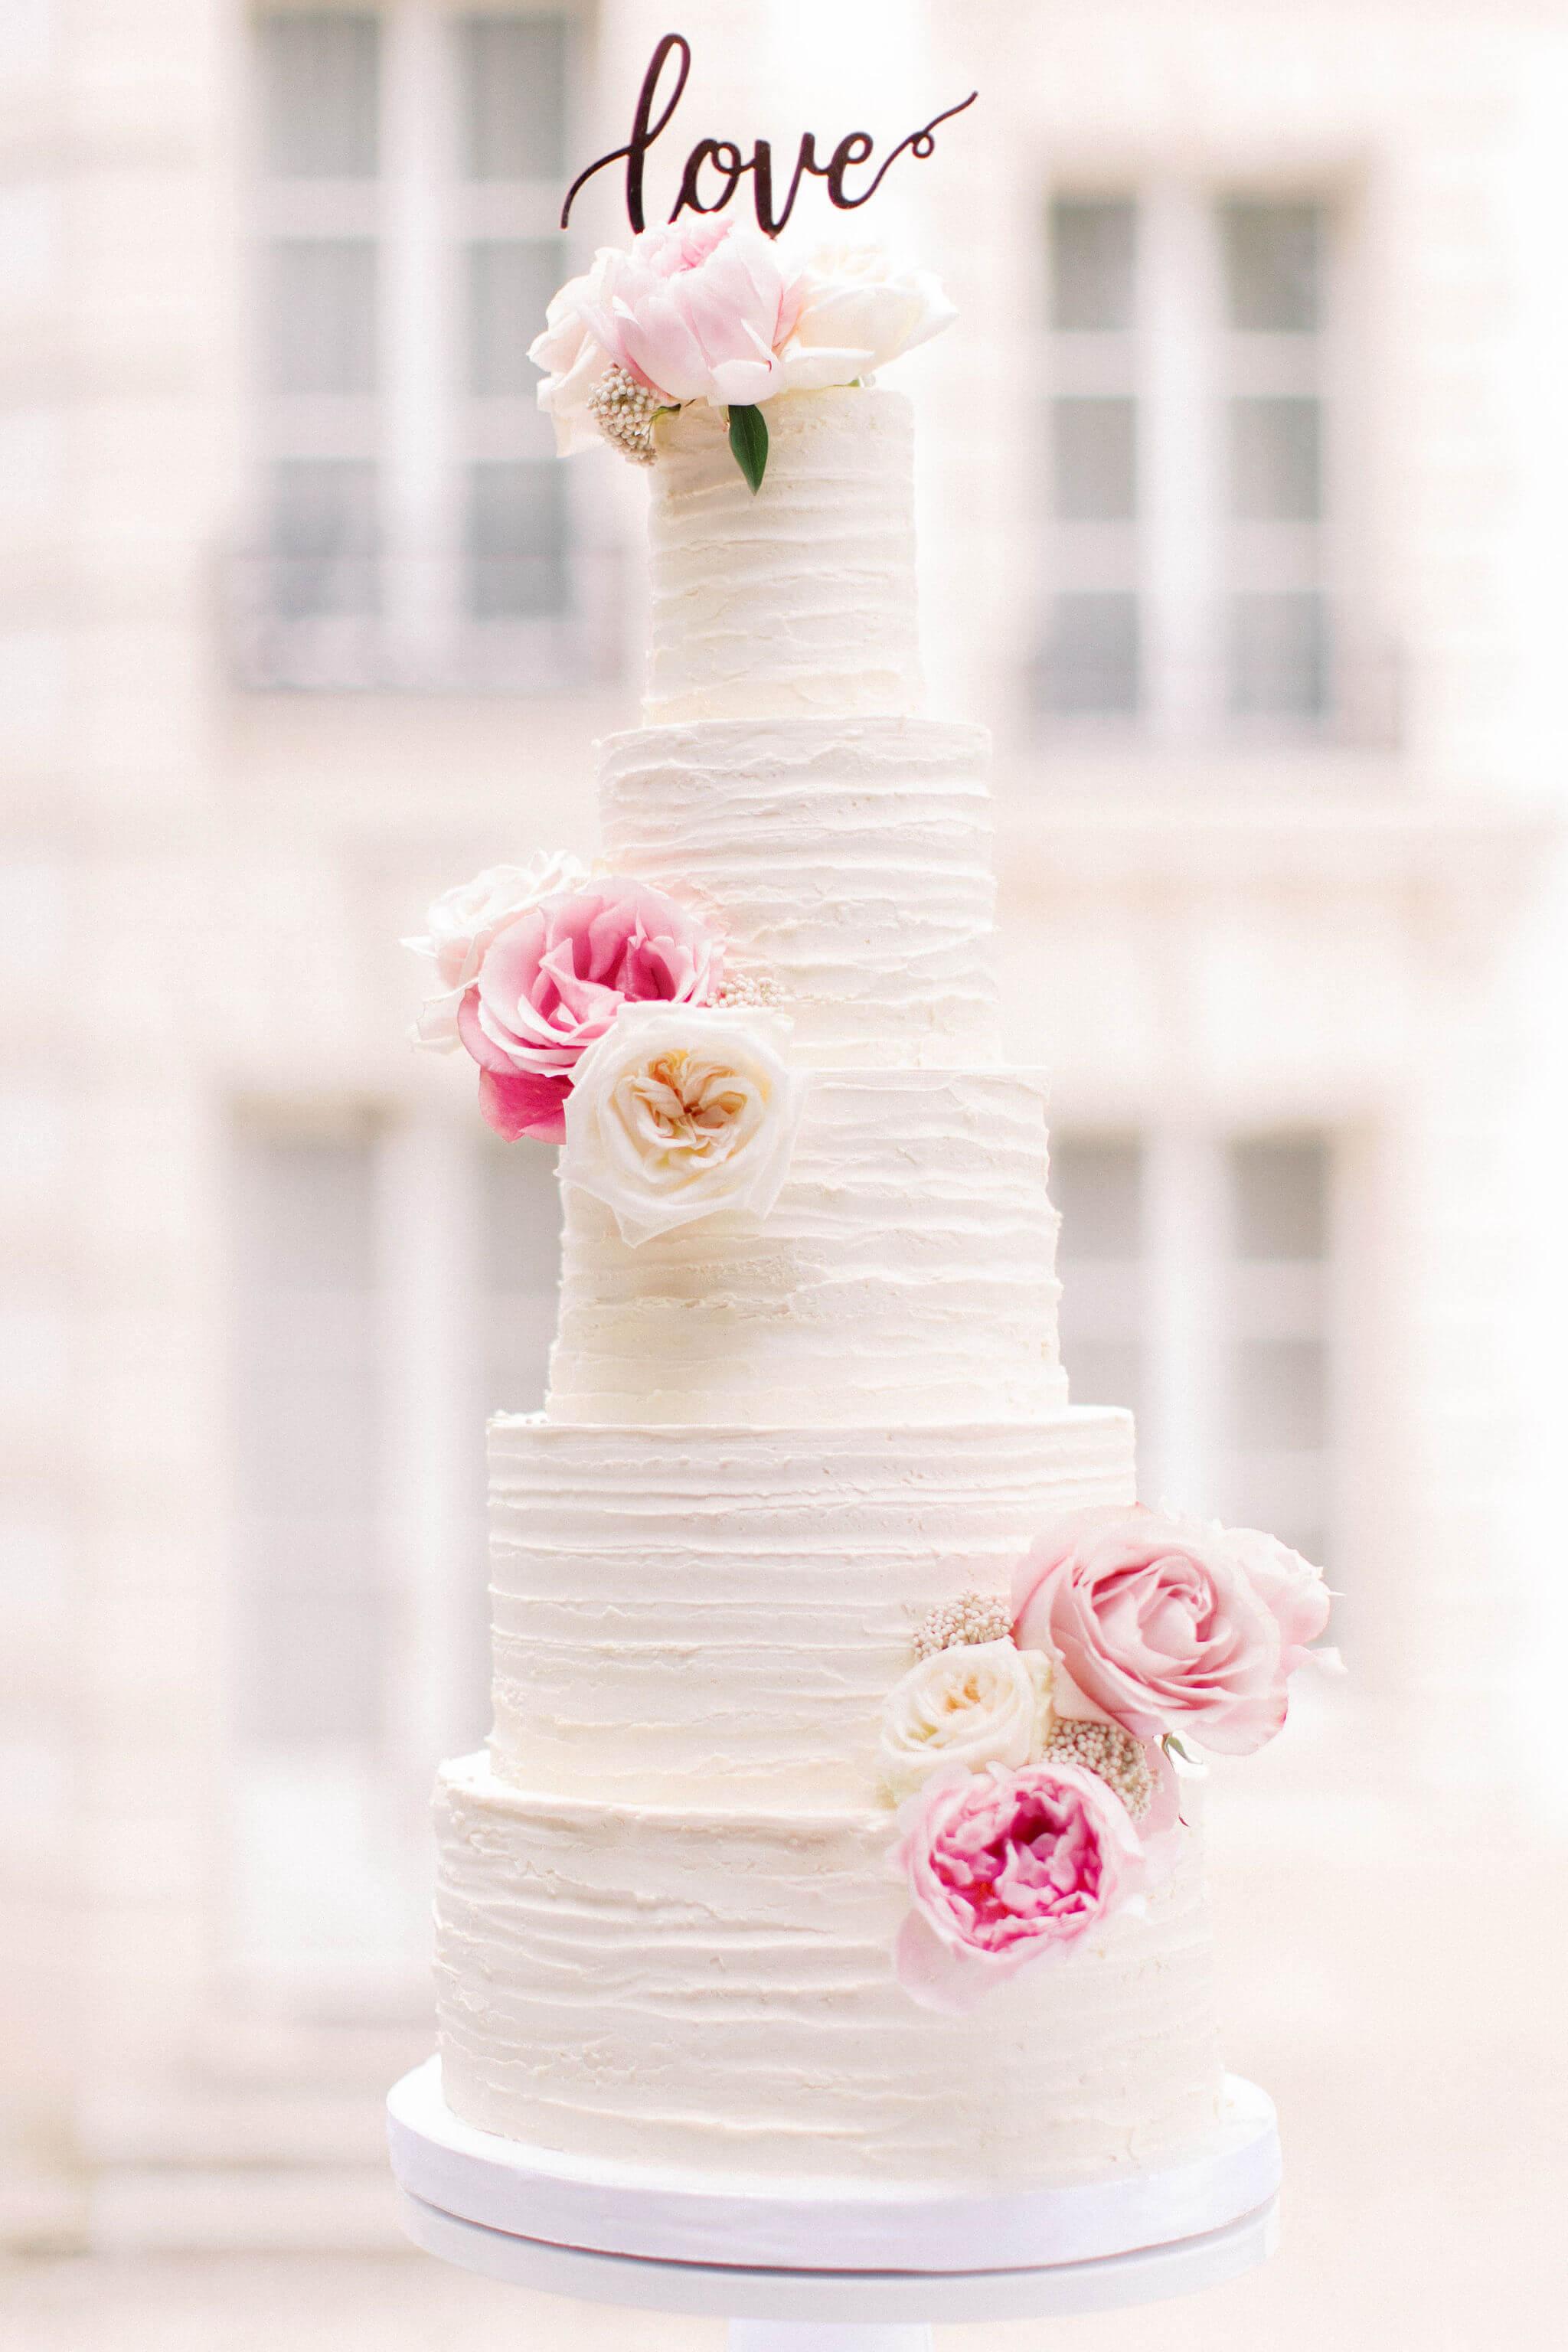 wedding cake blanc finition crème avec roses couleurs vives